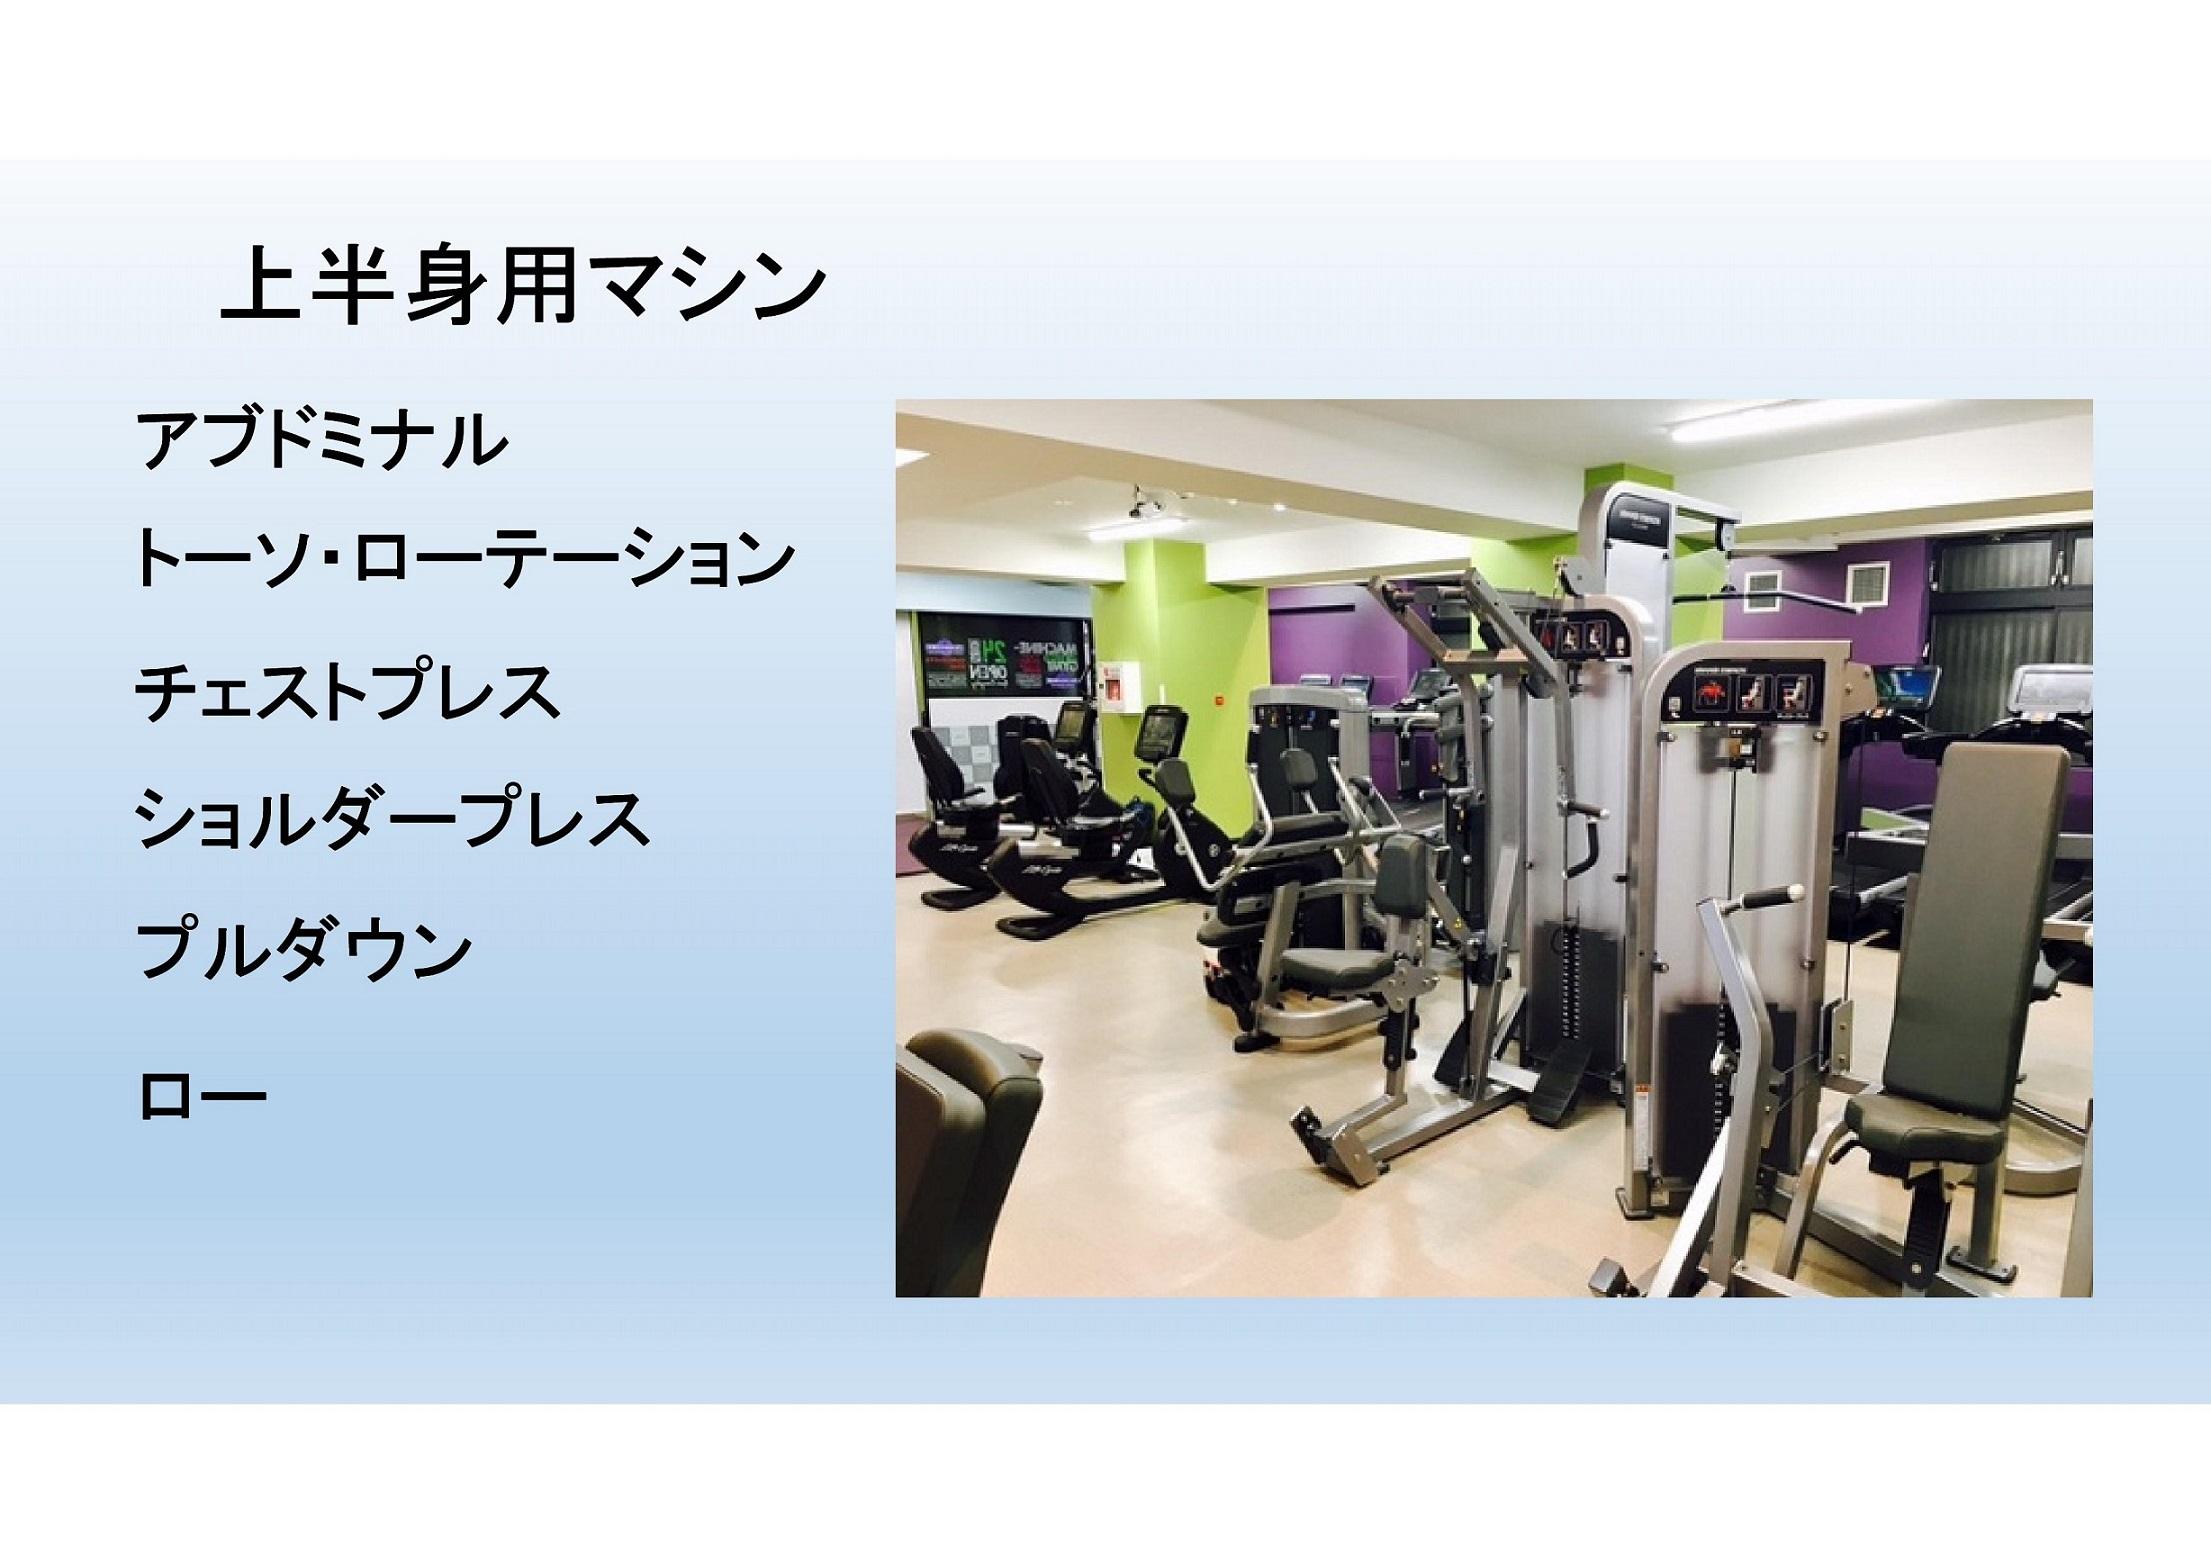 エニタイムフィットネス 鶴間店の画像